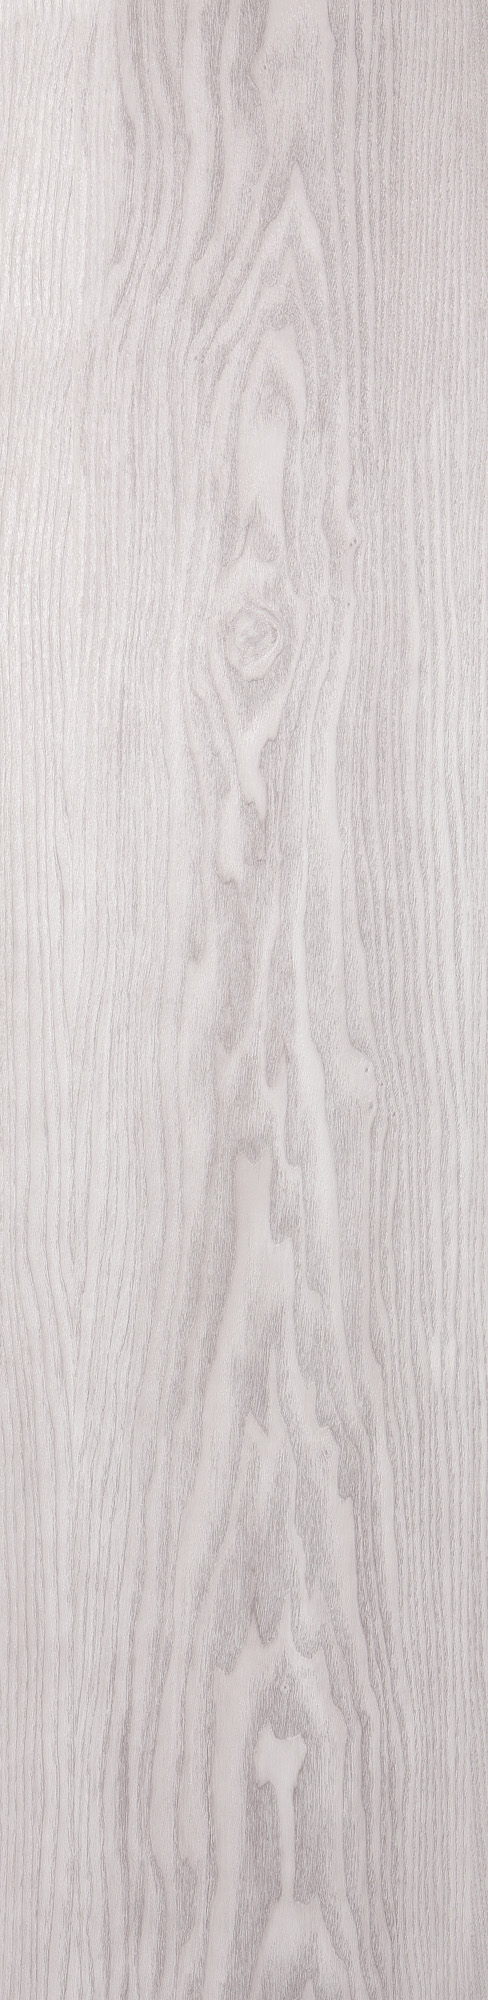 Plinthe - Chêne pédonculé blanc